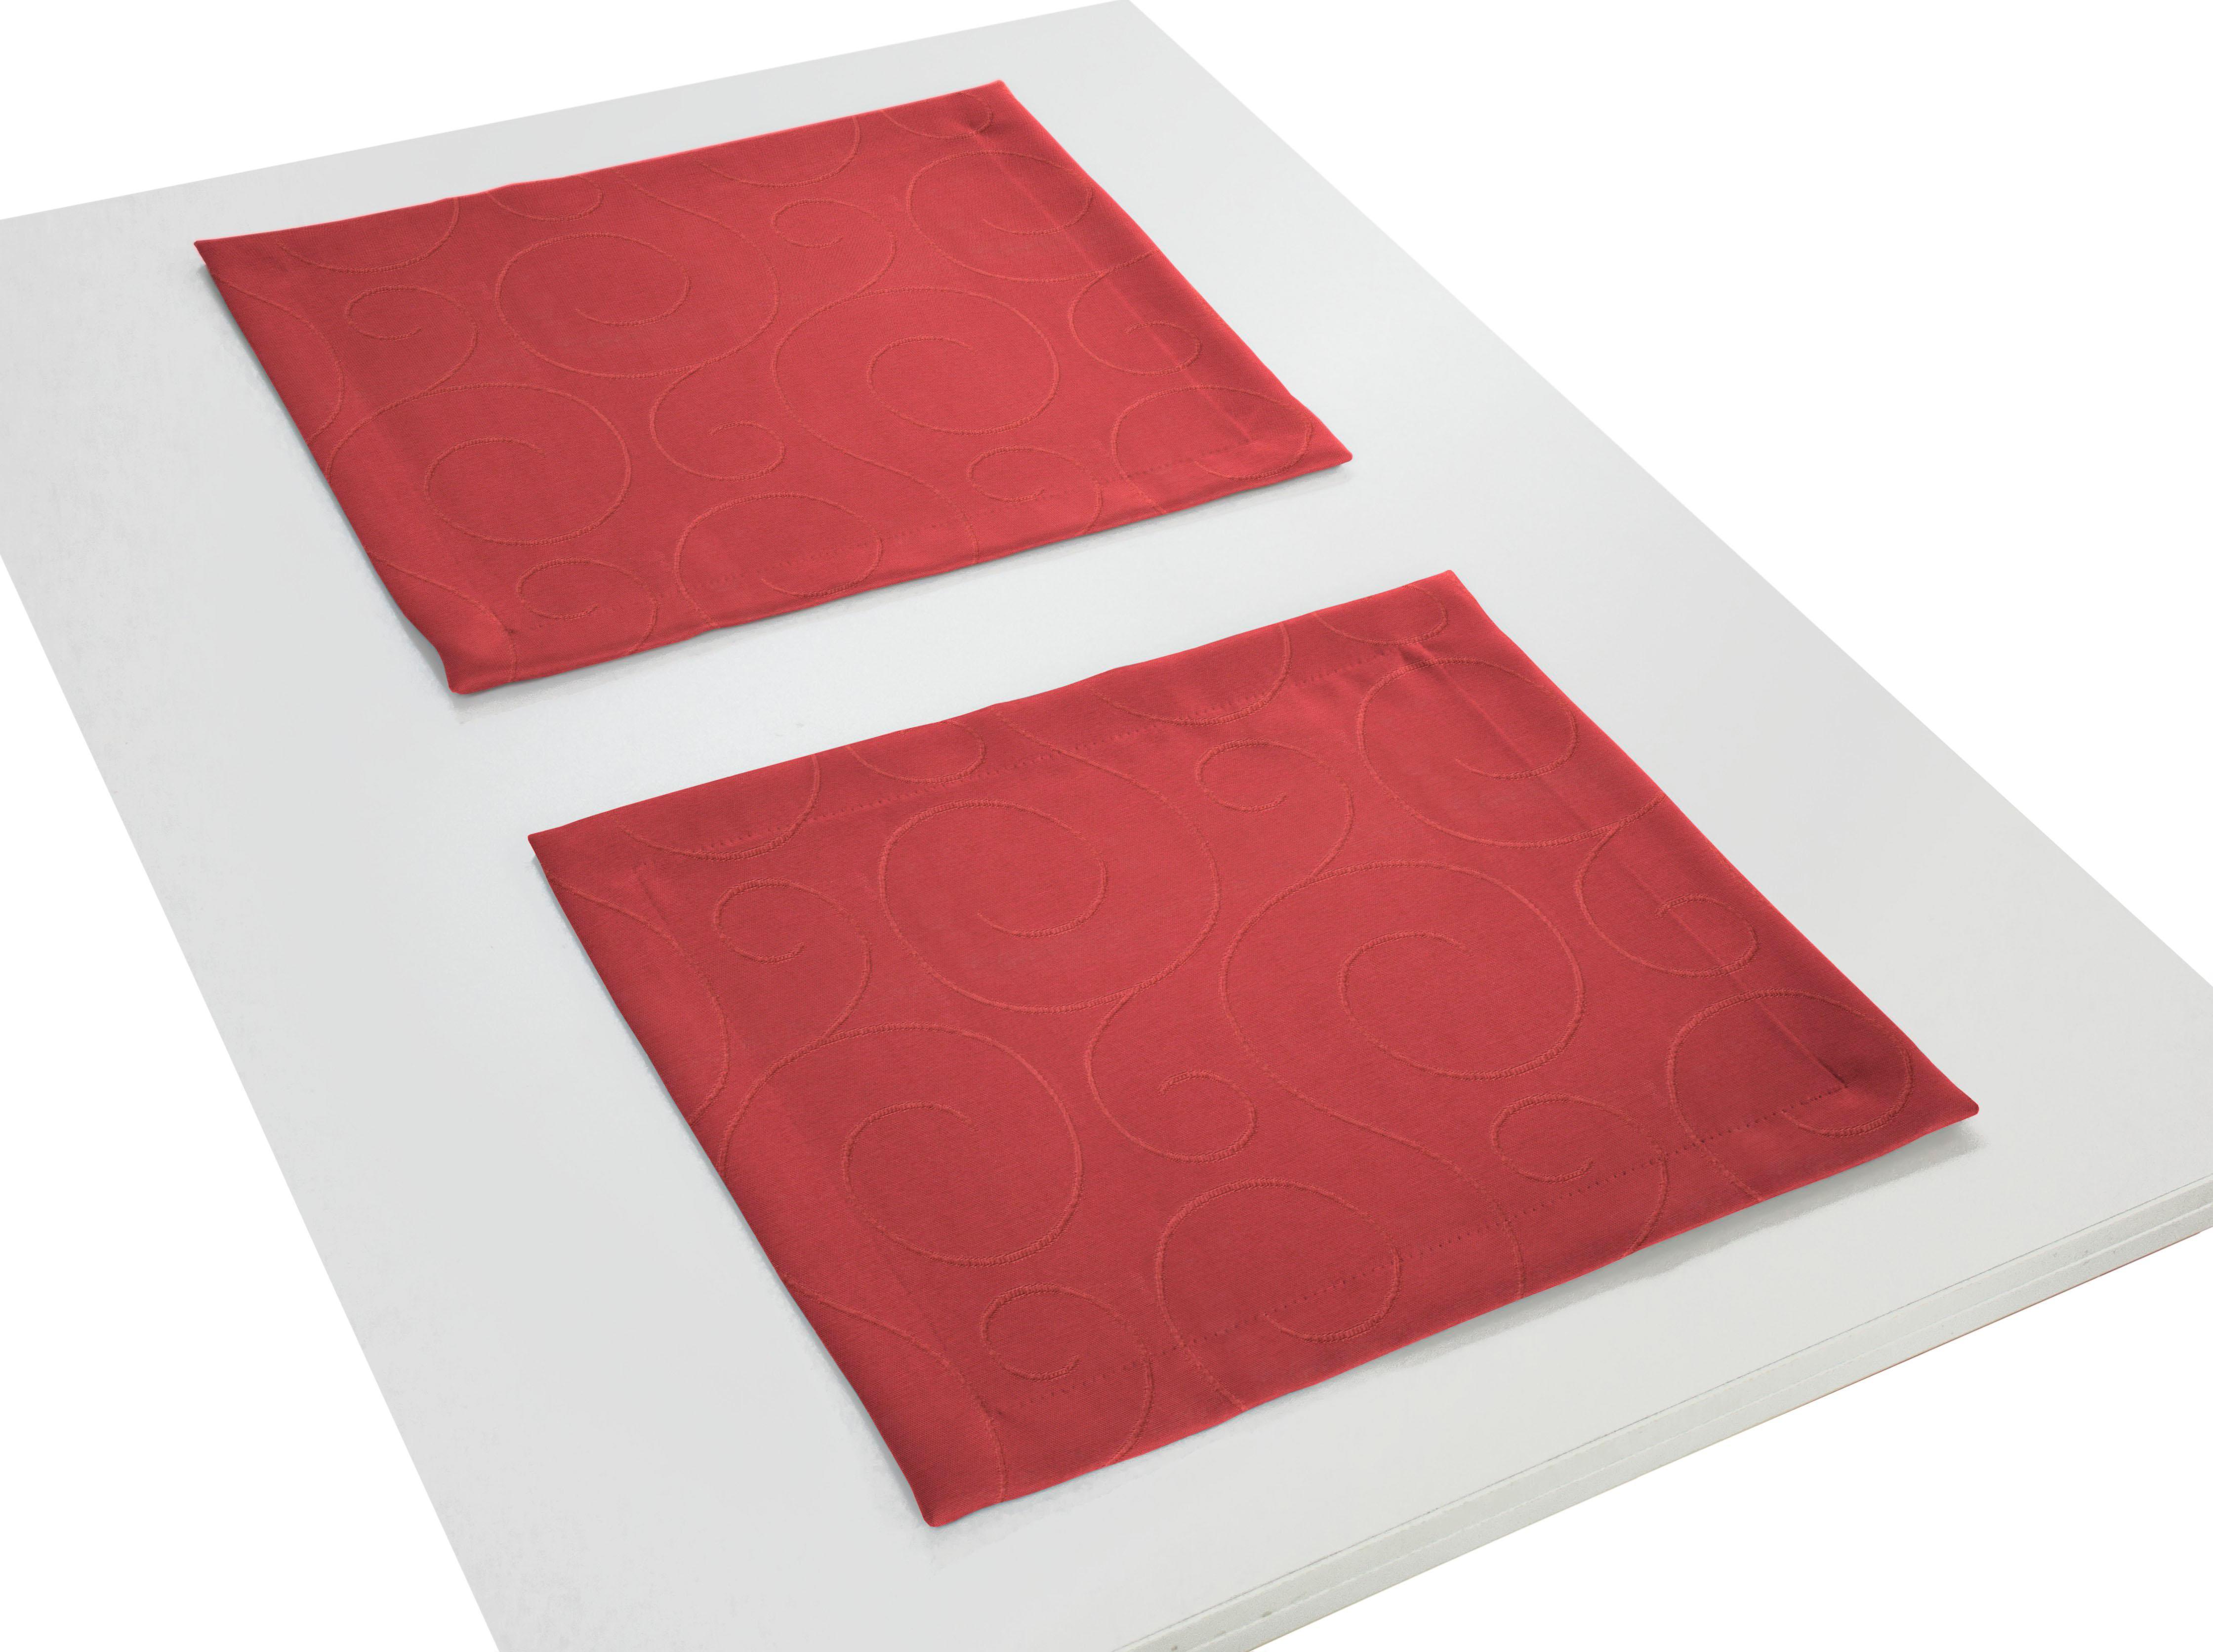 Platzset Neufahrn Wirth (Packung 2-tlg) | Heimtextilien > Tischdecken und Co > Platz-Sets | Rot | Wirth